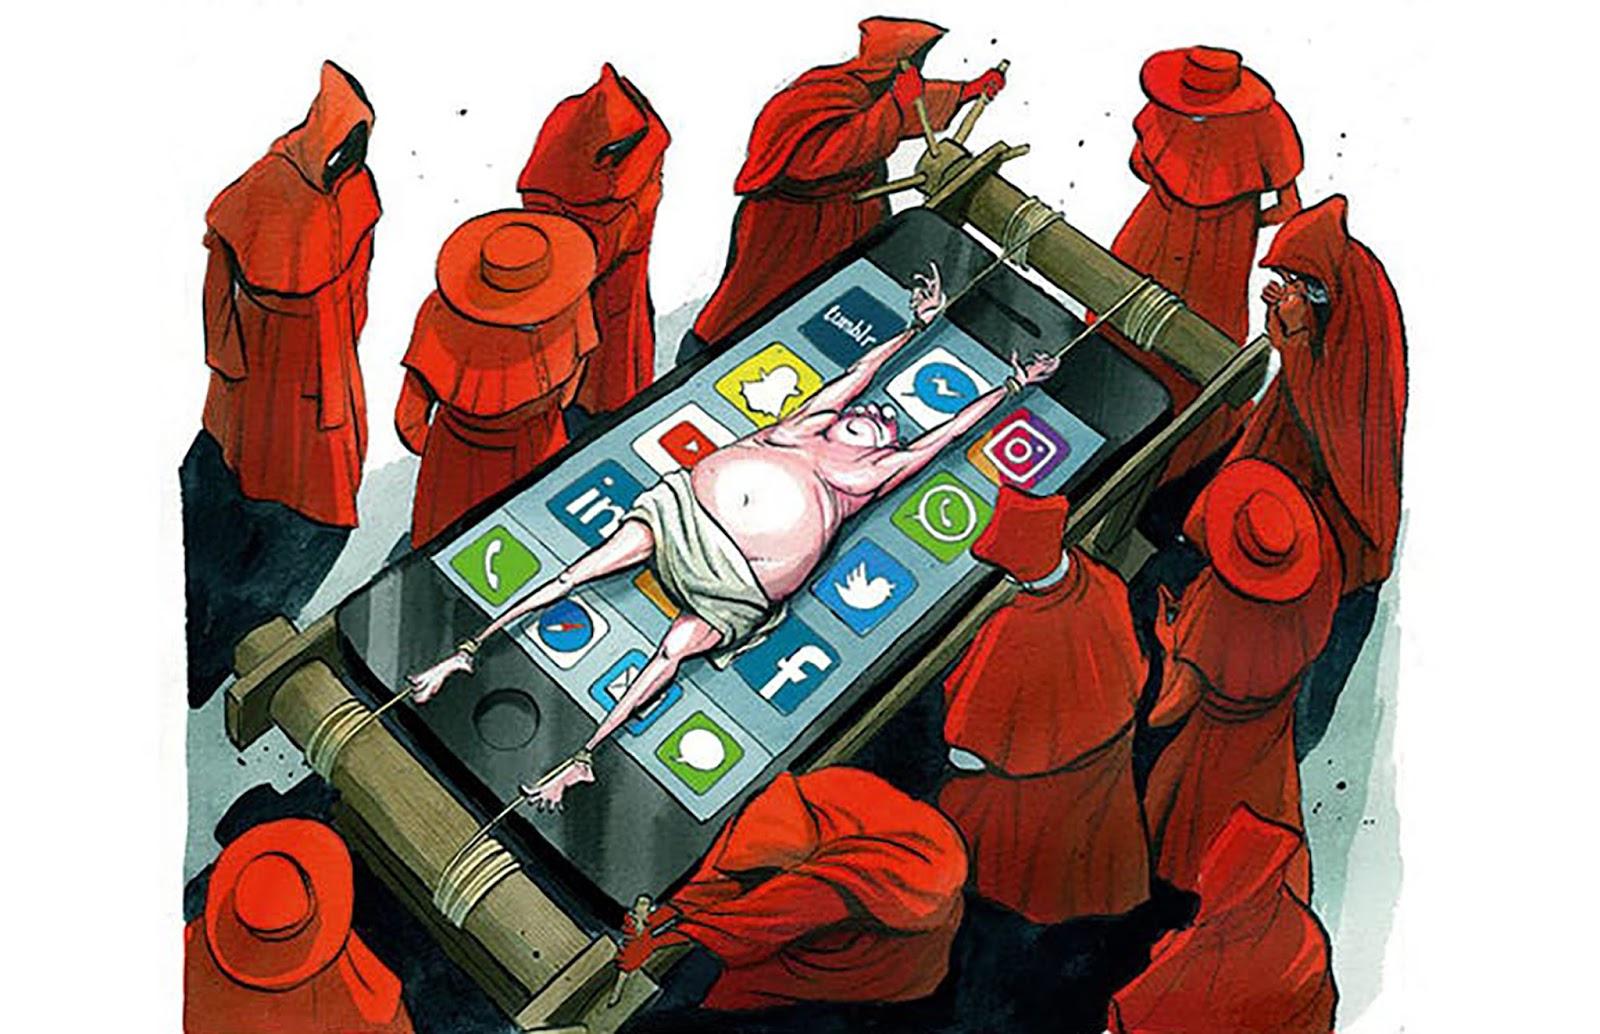 """Résultat de recherche d'images pour """"se faire lyncher sur les réseaux sociaux humour"""""""